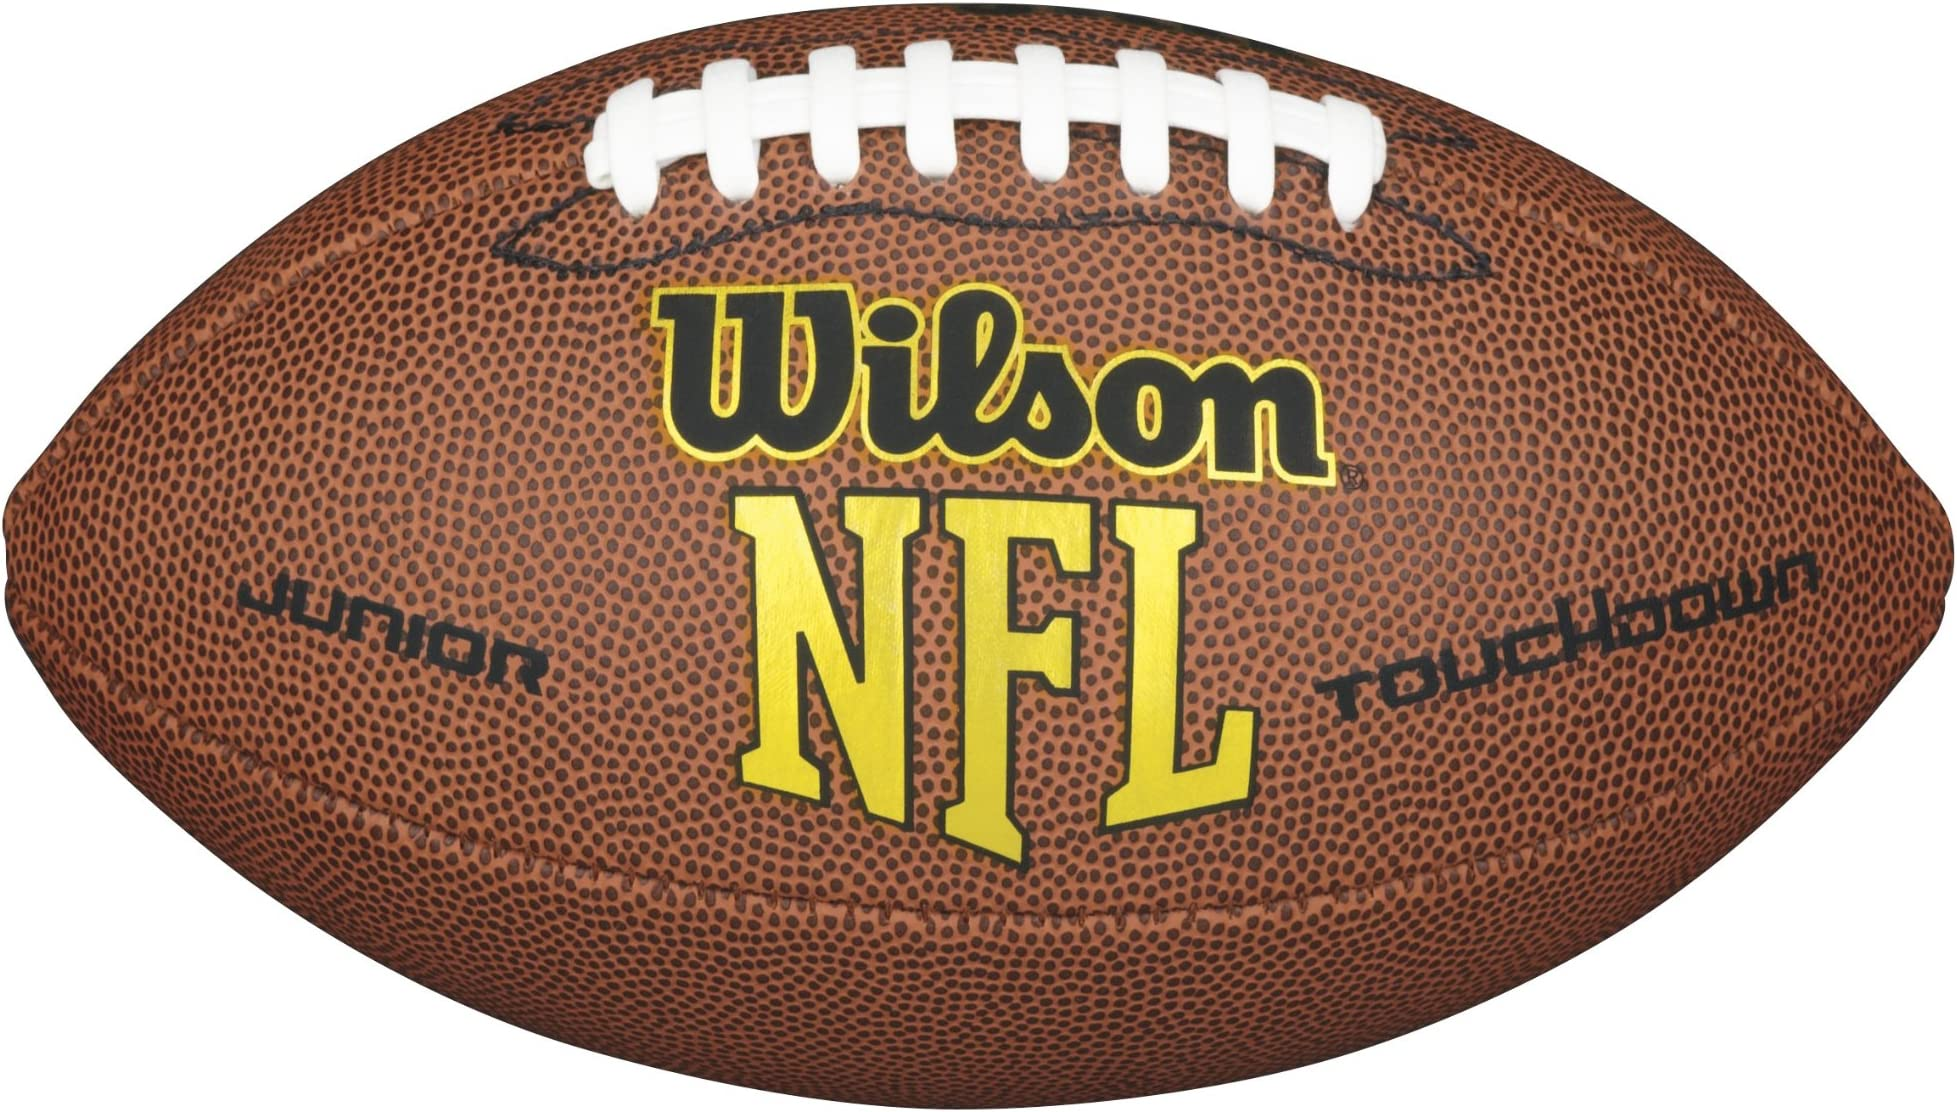 NFL Touchdown Football - Junior. - New